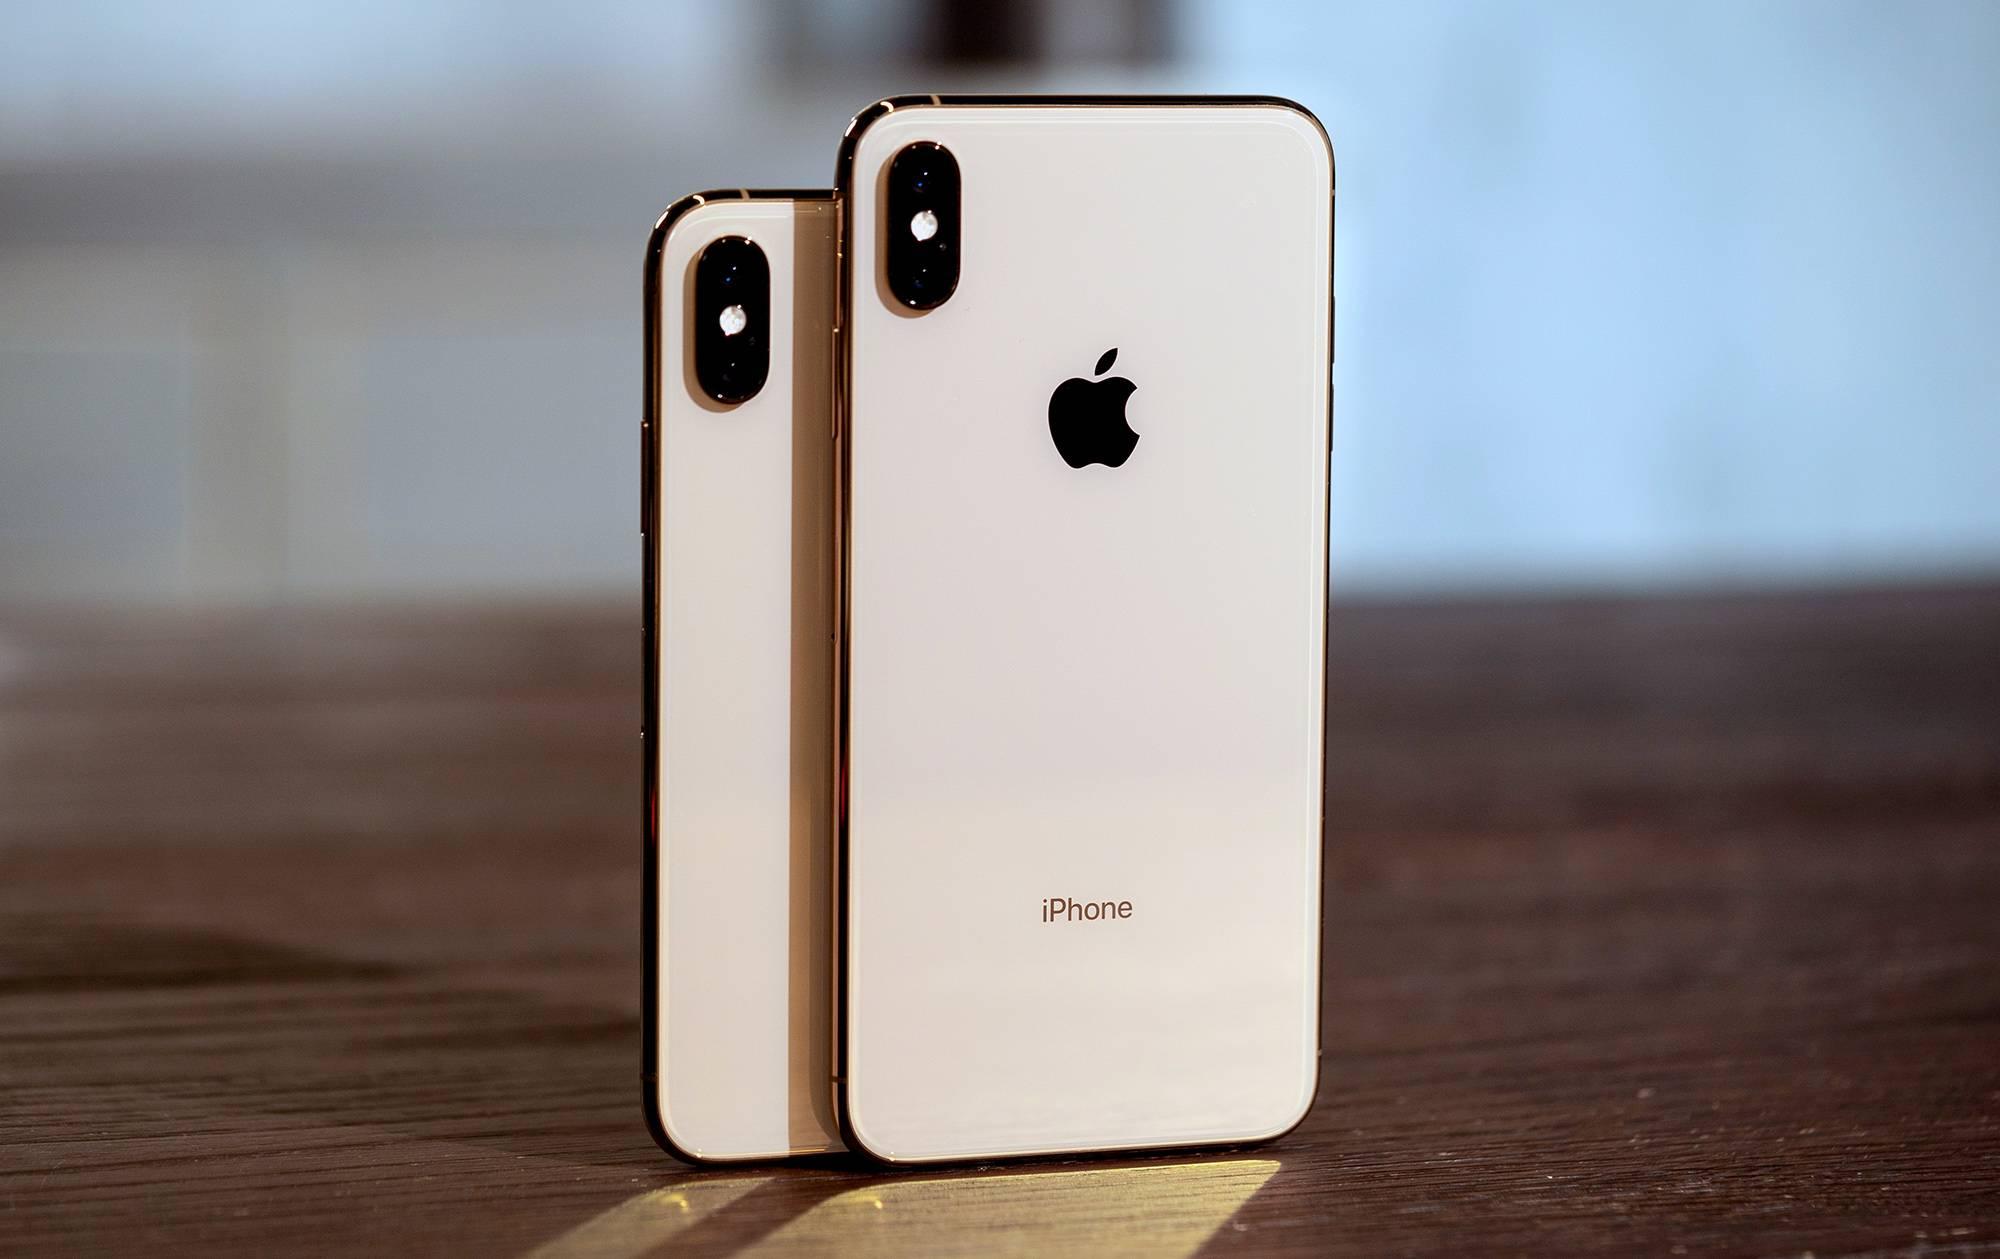 Un niño de 7 años logró hackear iOS 12 en iPhone